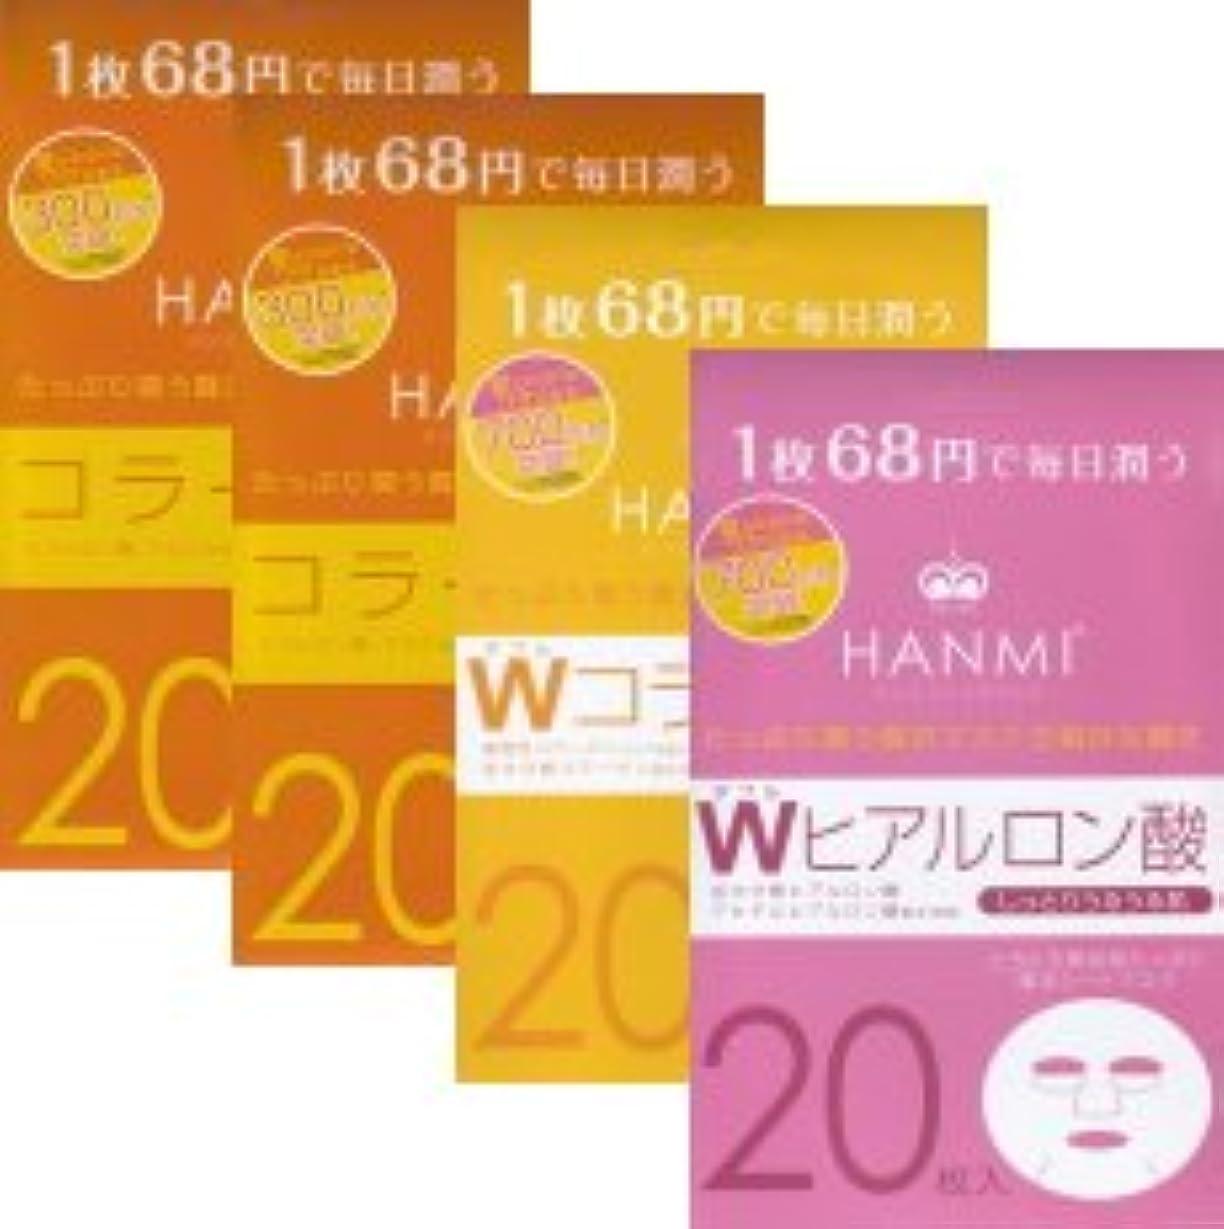 メイン趣味広範囲にMIGAKI ハンミフェイスマスク(20枚入り)「コラーゲン×2個」「Wコラーゲン×1個」「Wヒアルロン酸×1個」の4個セット